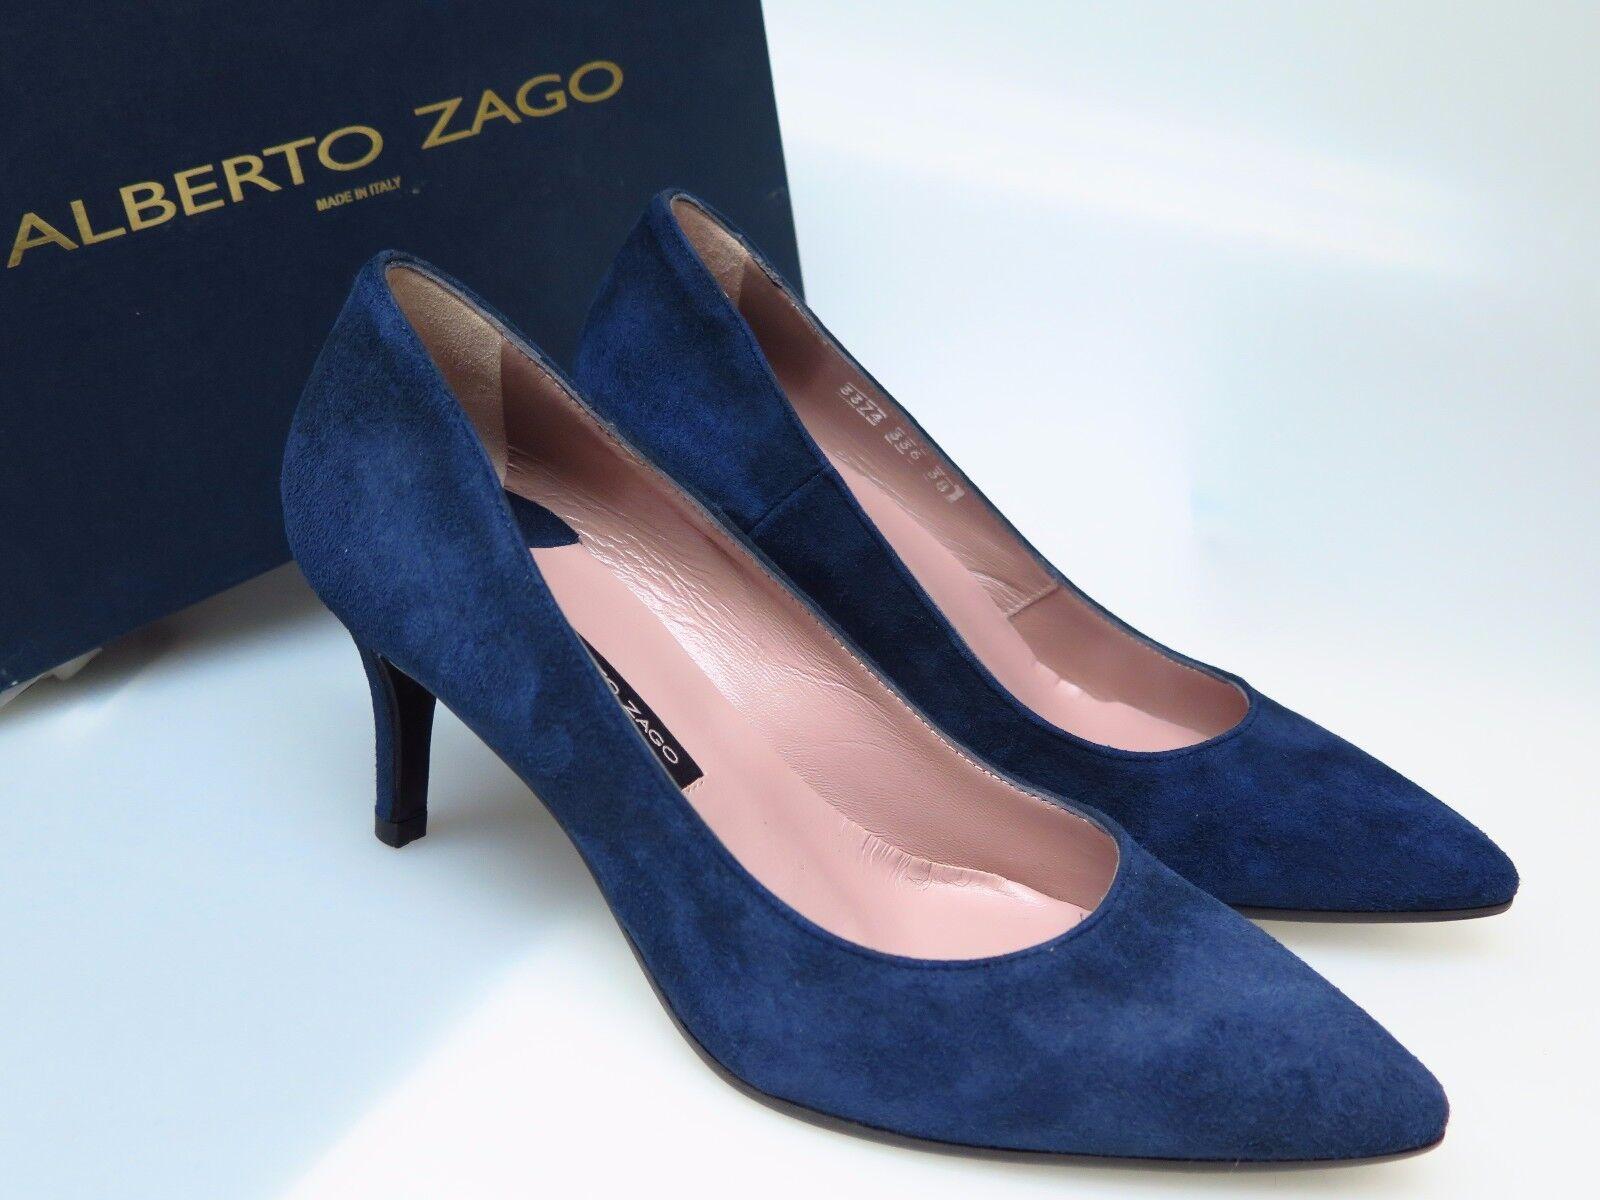 ALBERTO ZAGO Damenschuhe Schuhe A33374 Camoscio Blu Blau Ala Gr. EU 38 NEU